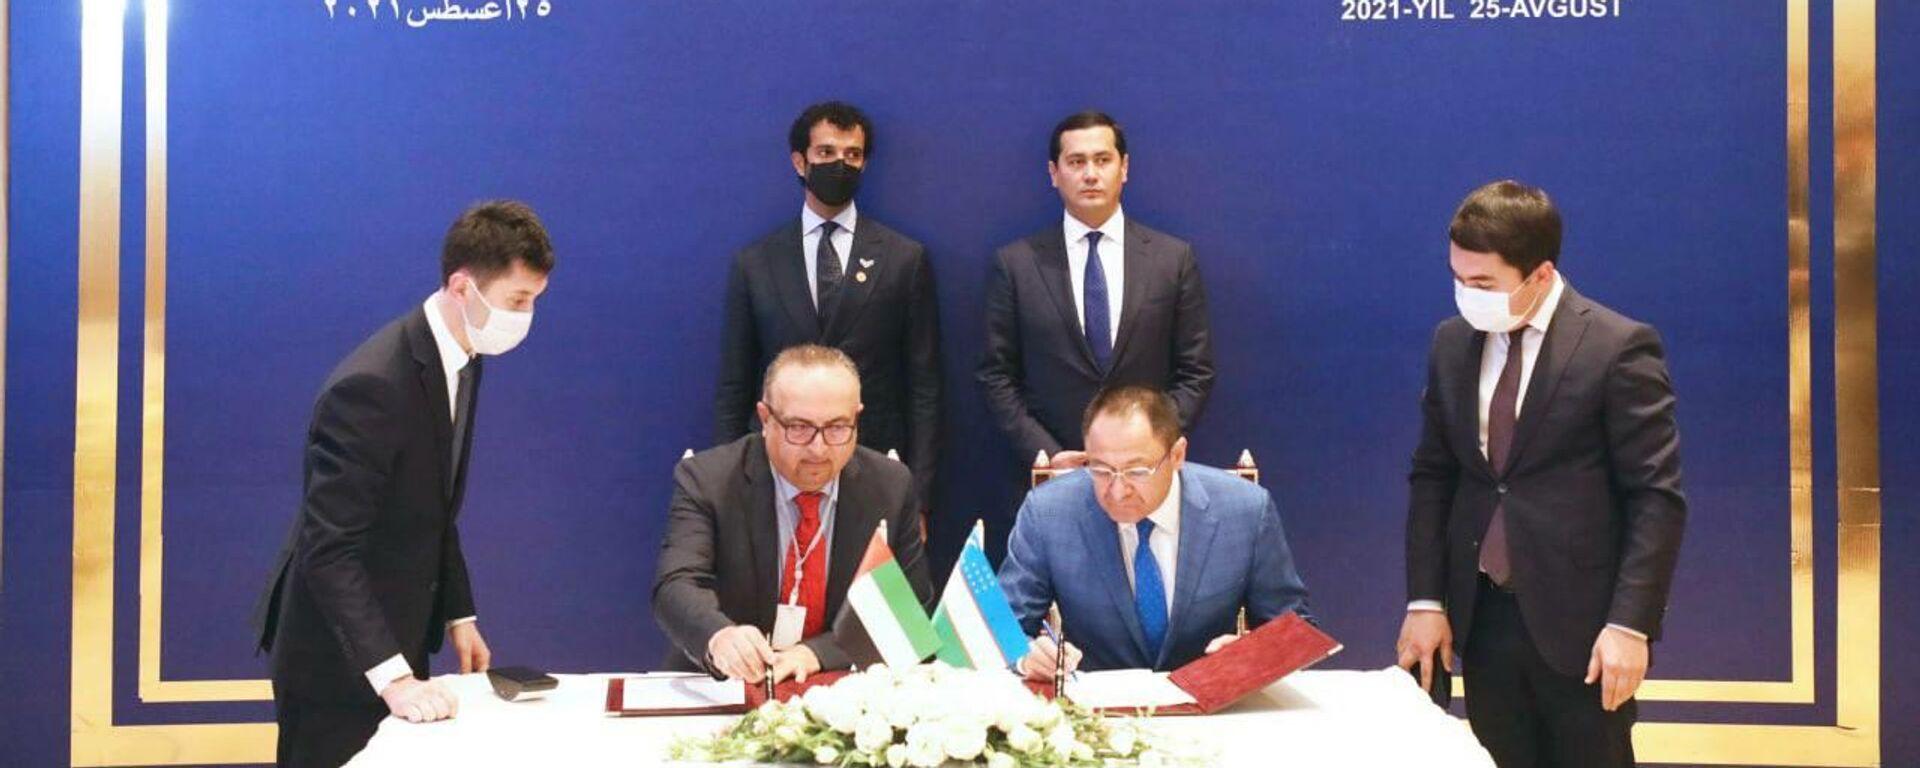 Узбекистан присоединился к международной программе продвижения торговли - Sputnik Узбекистан, 1920, 26.08.2021